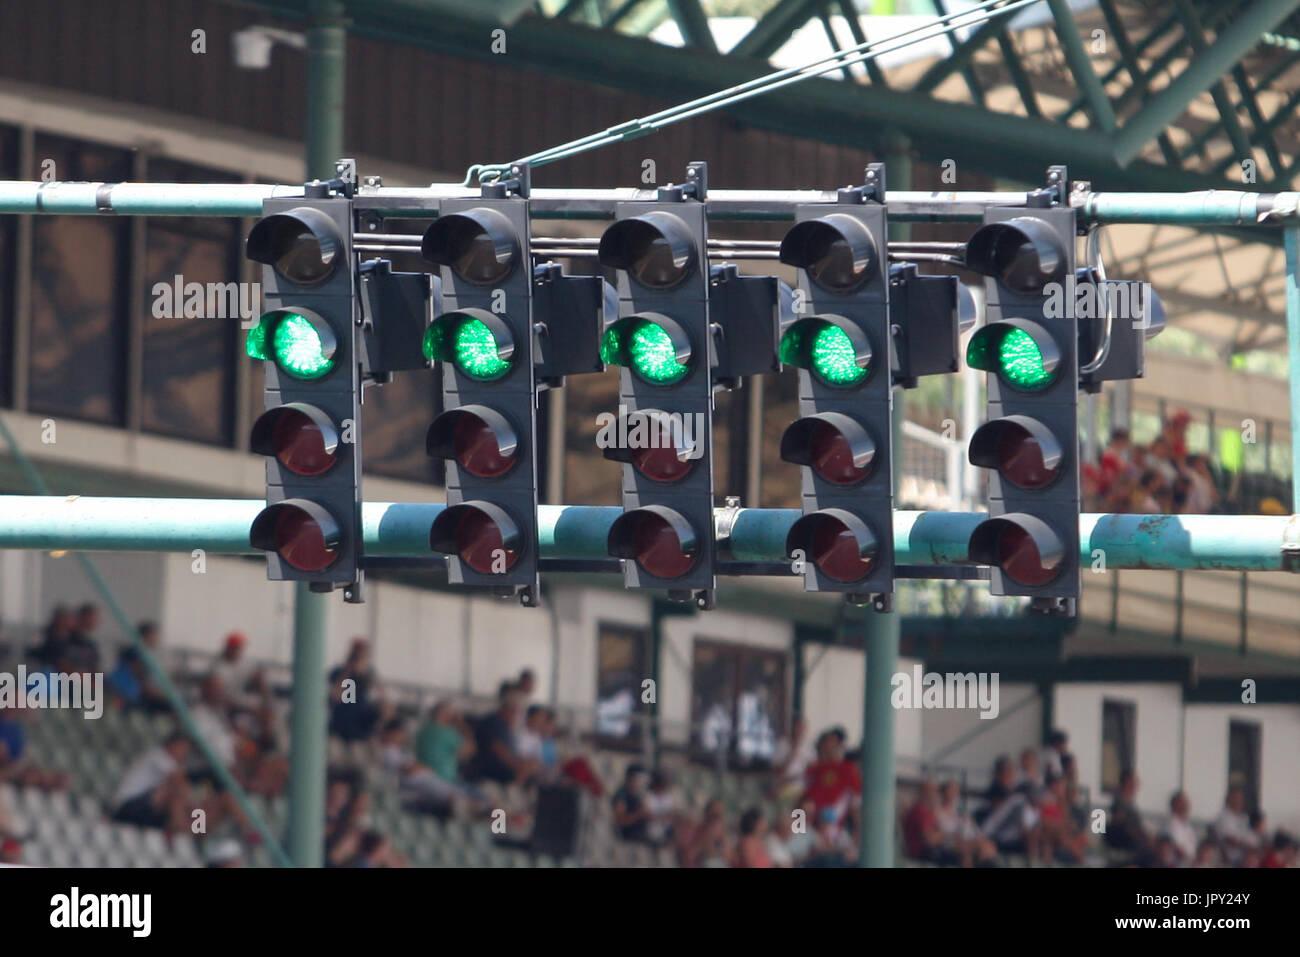 Budapest, Ungarn. 2. August 2017. 1. August 2017, Hungaroring, Budapest, Ungarn; Formel 1 In Saison-Test; Raster Stockbild